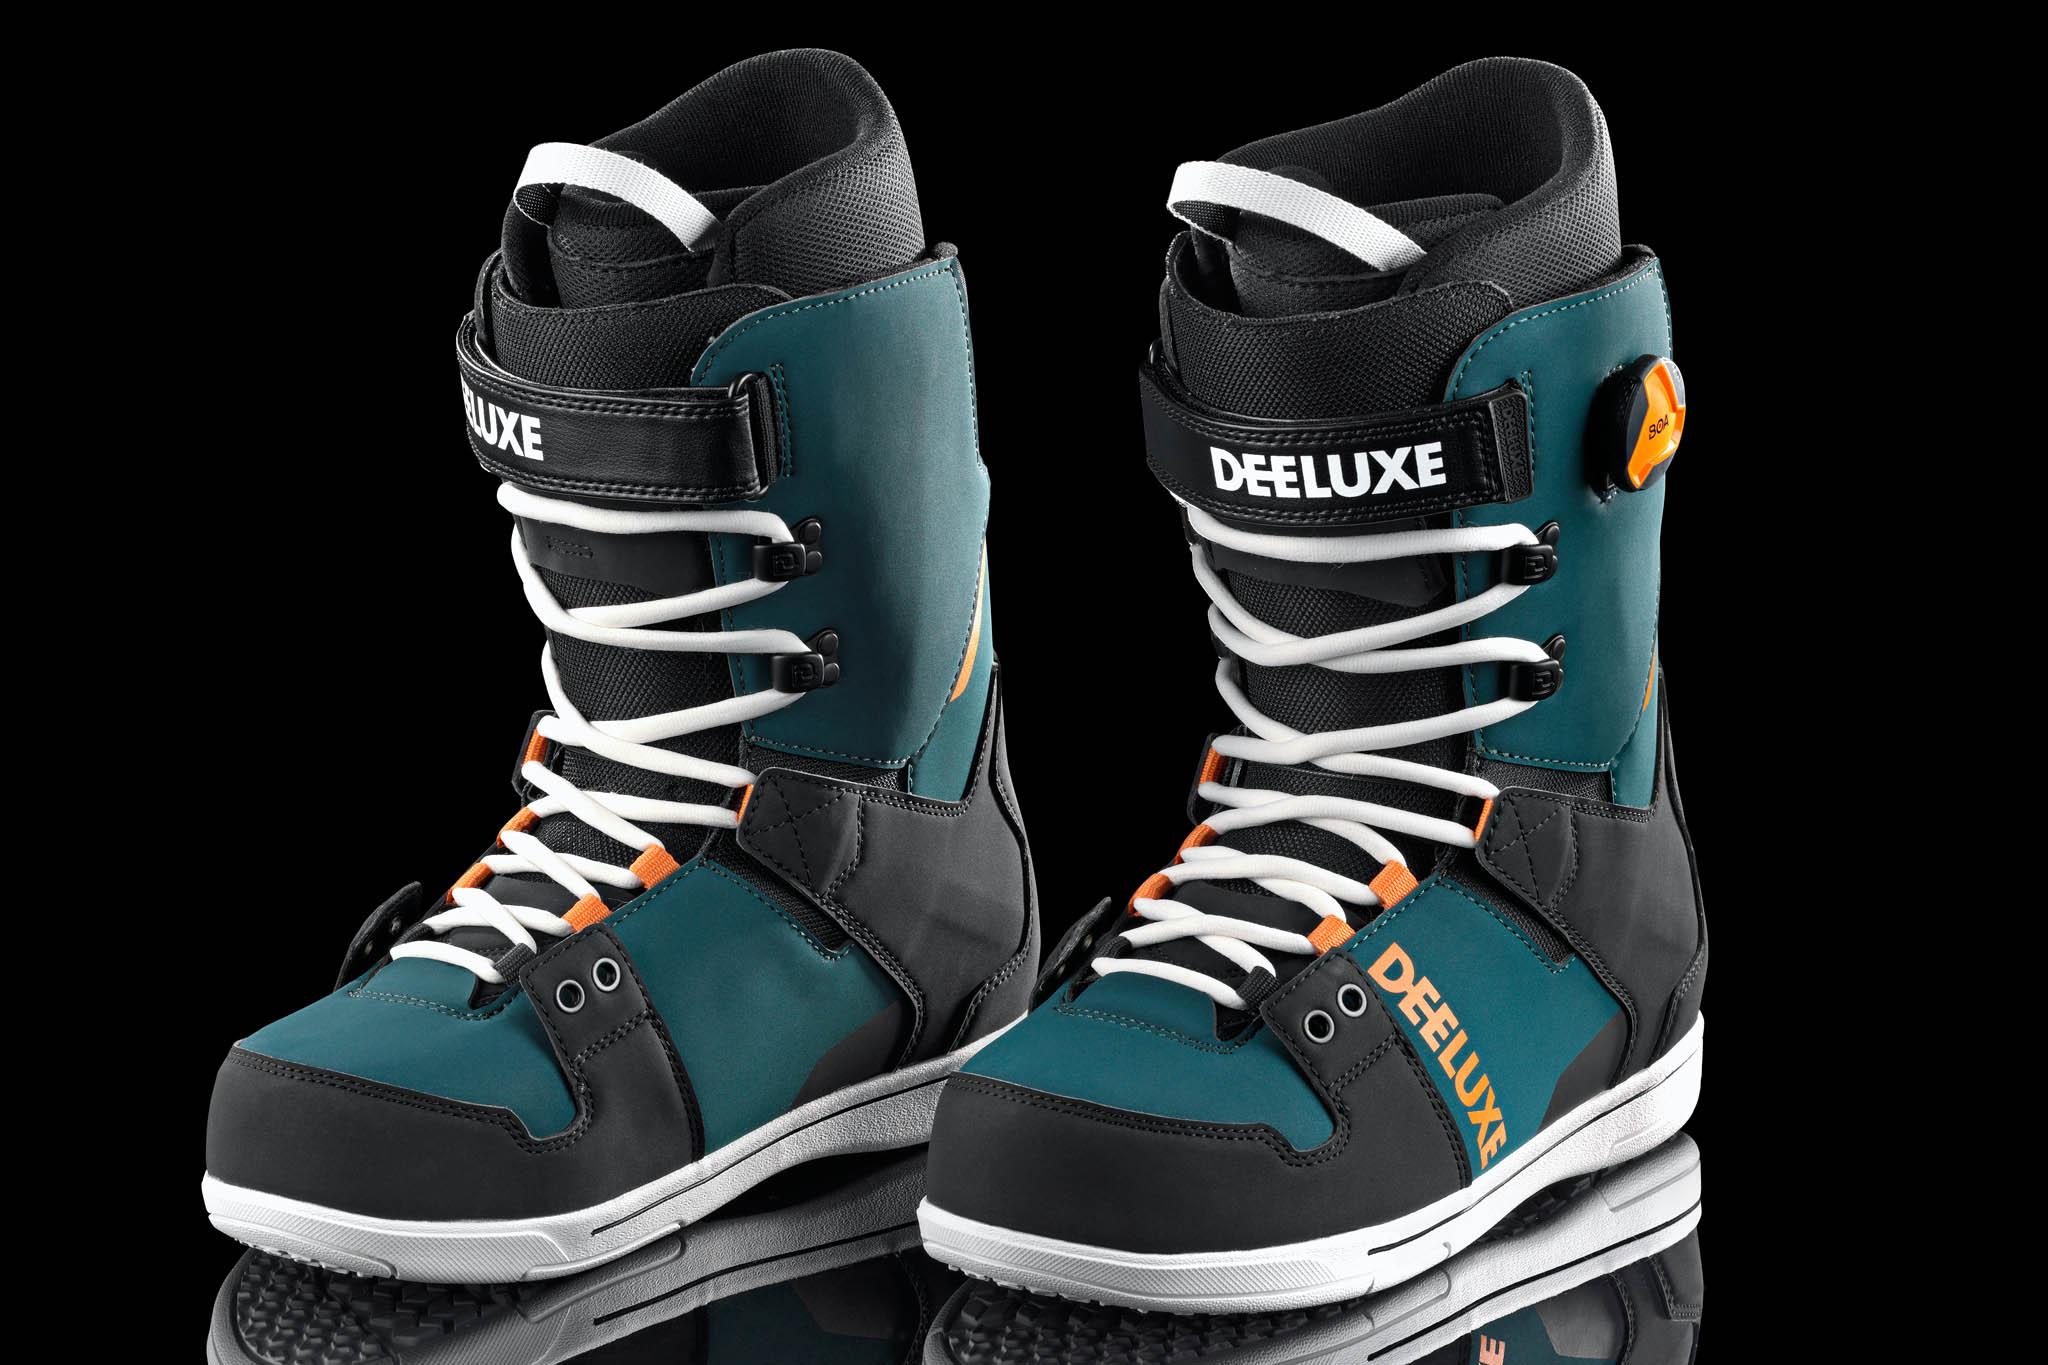 Deeluxe 21/22 Snowboard Boots